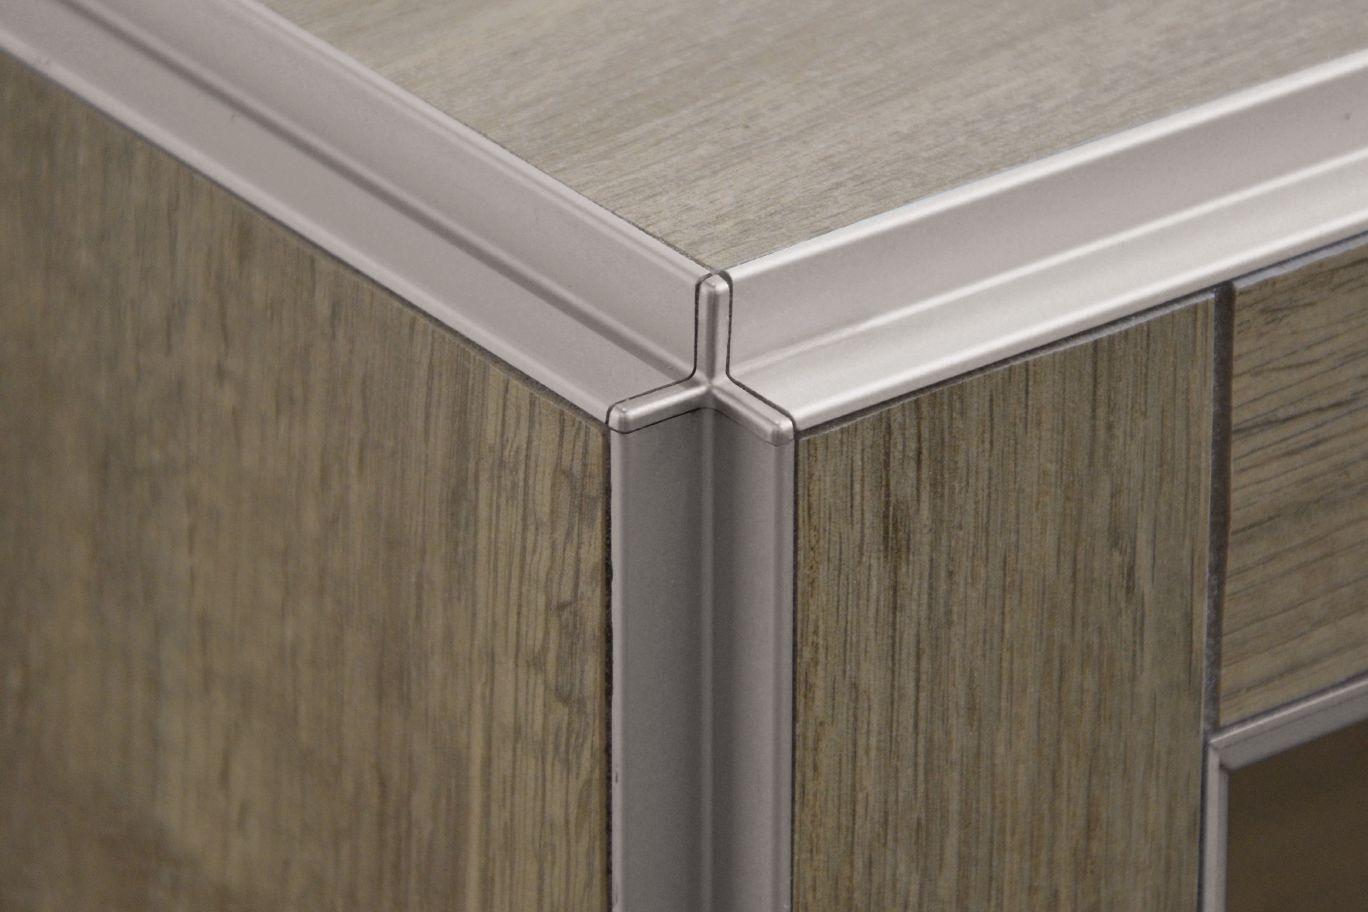 7 lý do tại sao nên sử dụng nẹp trang trí bảo vệ góc tường nhà bạn